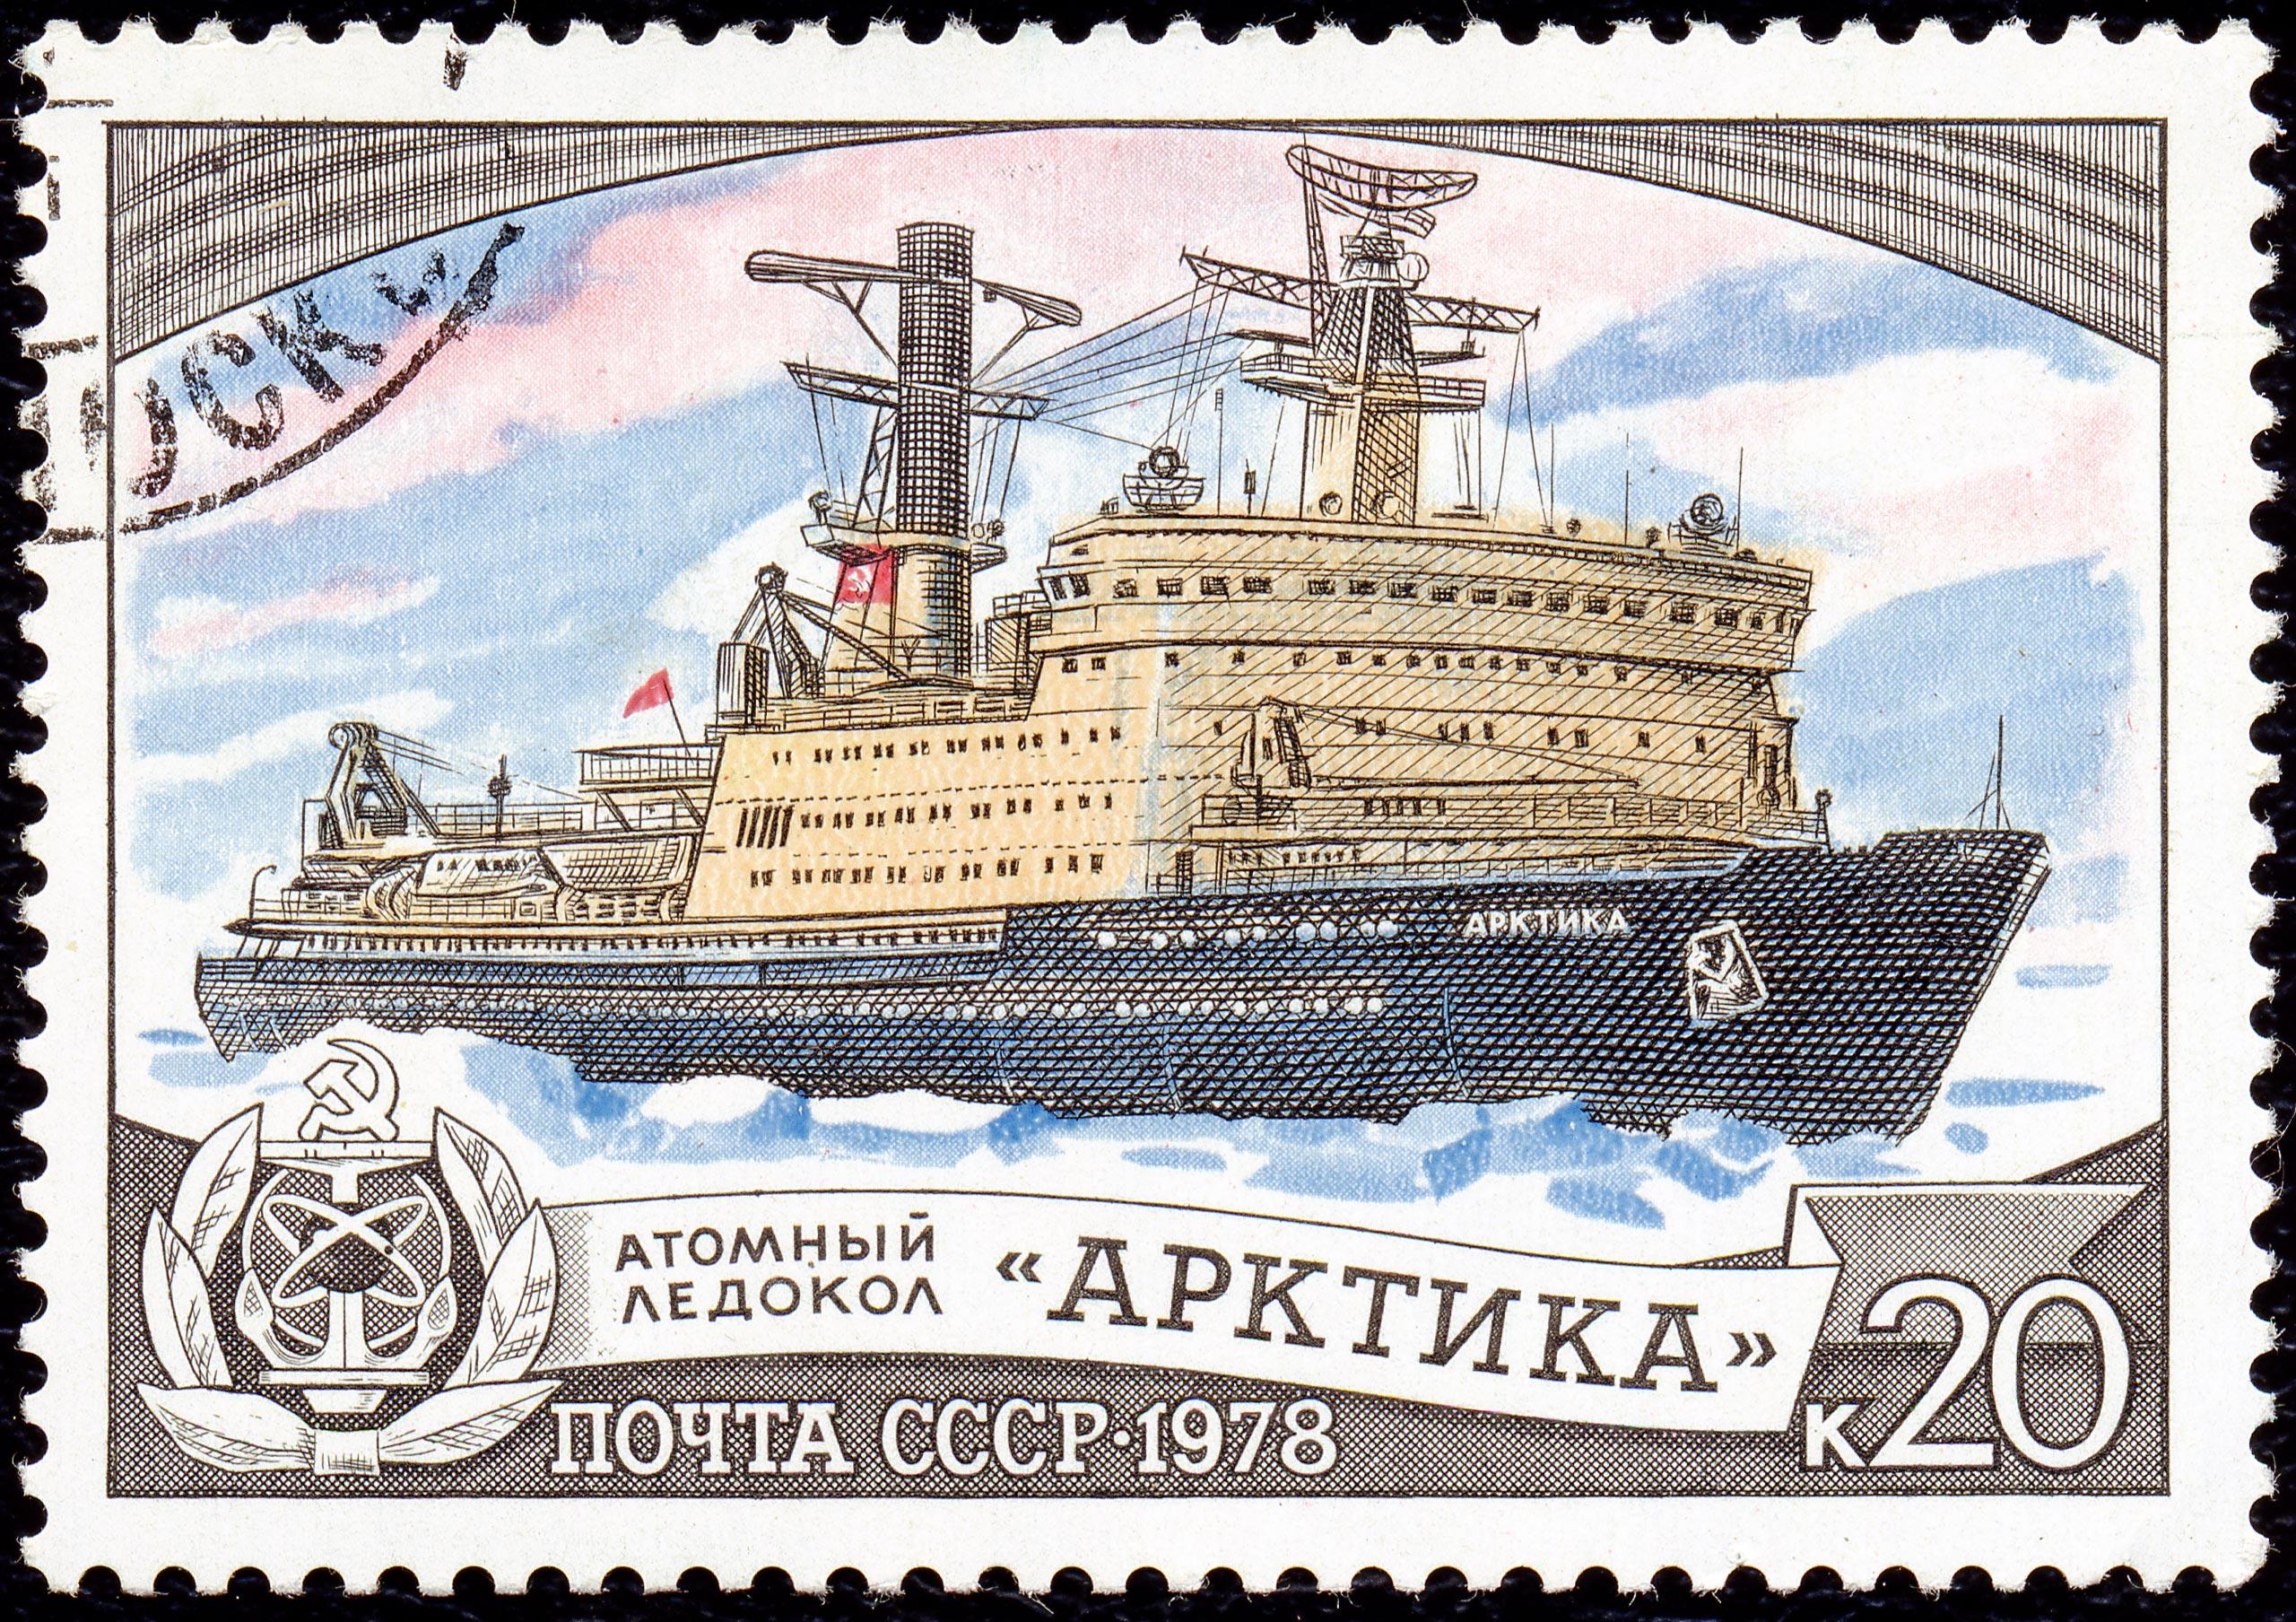 Советский атомный ледокол «Арктика» впервые в истории мореплавания достиг Северного полюса